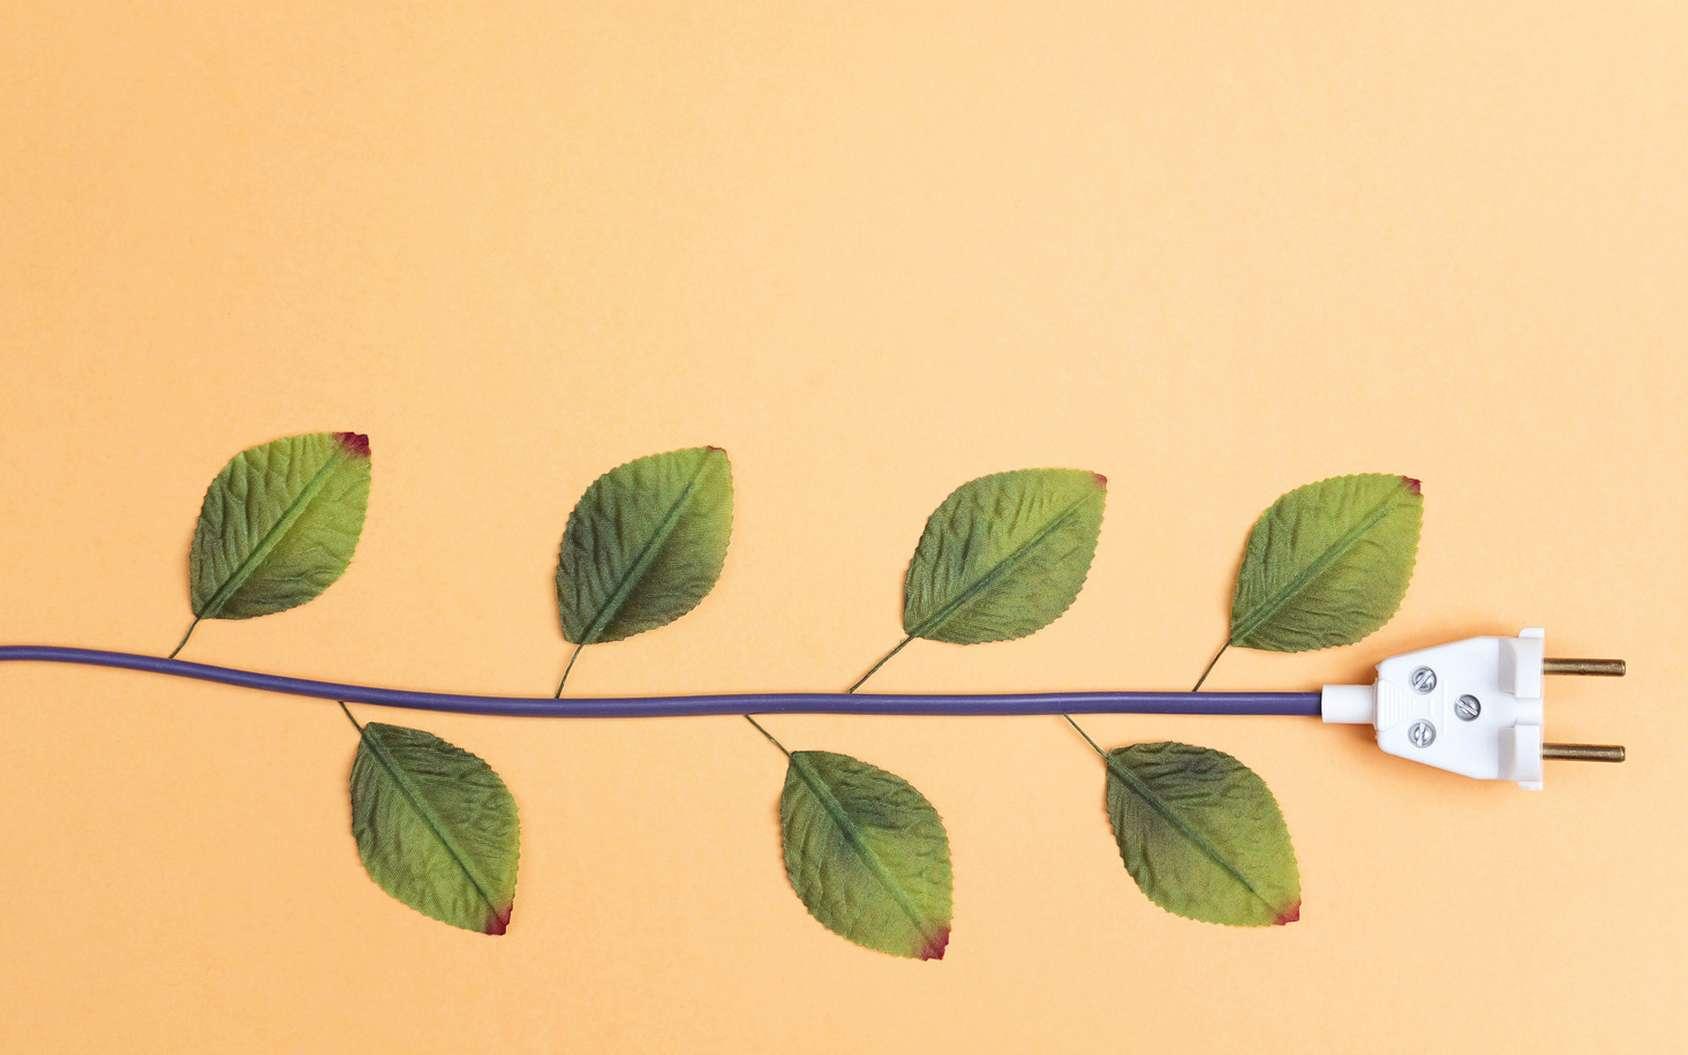 Des légumes plus gros et des plantes qui poussent plus vite sans pesticides et sans engrais, c'est possible grâce à l'électricité. © WindyNight, Fotolia